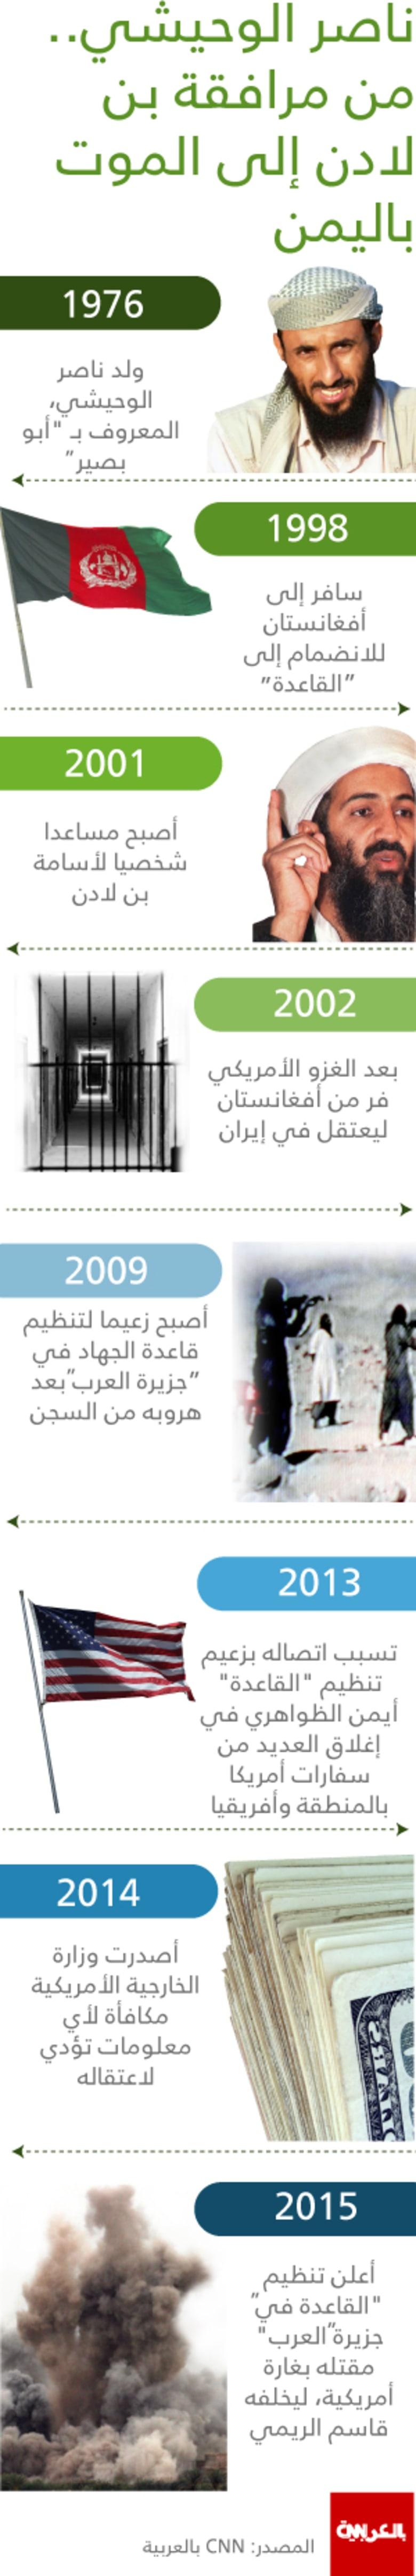 """محطات بحياة """"ظل بن لادن"""".. مقتل الوحيشي يفتح باب قيادة القاعدة أمام """"جيل جديد"""""""